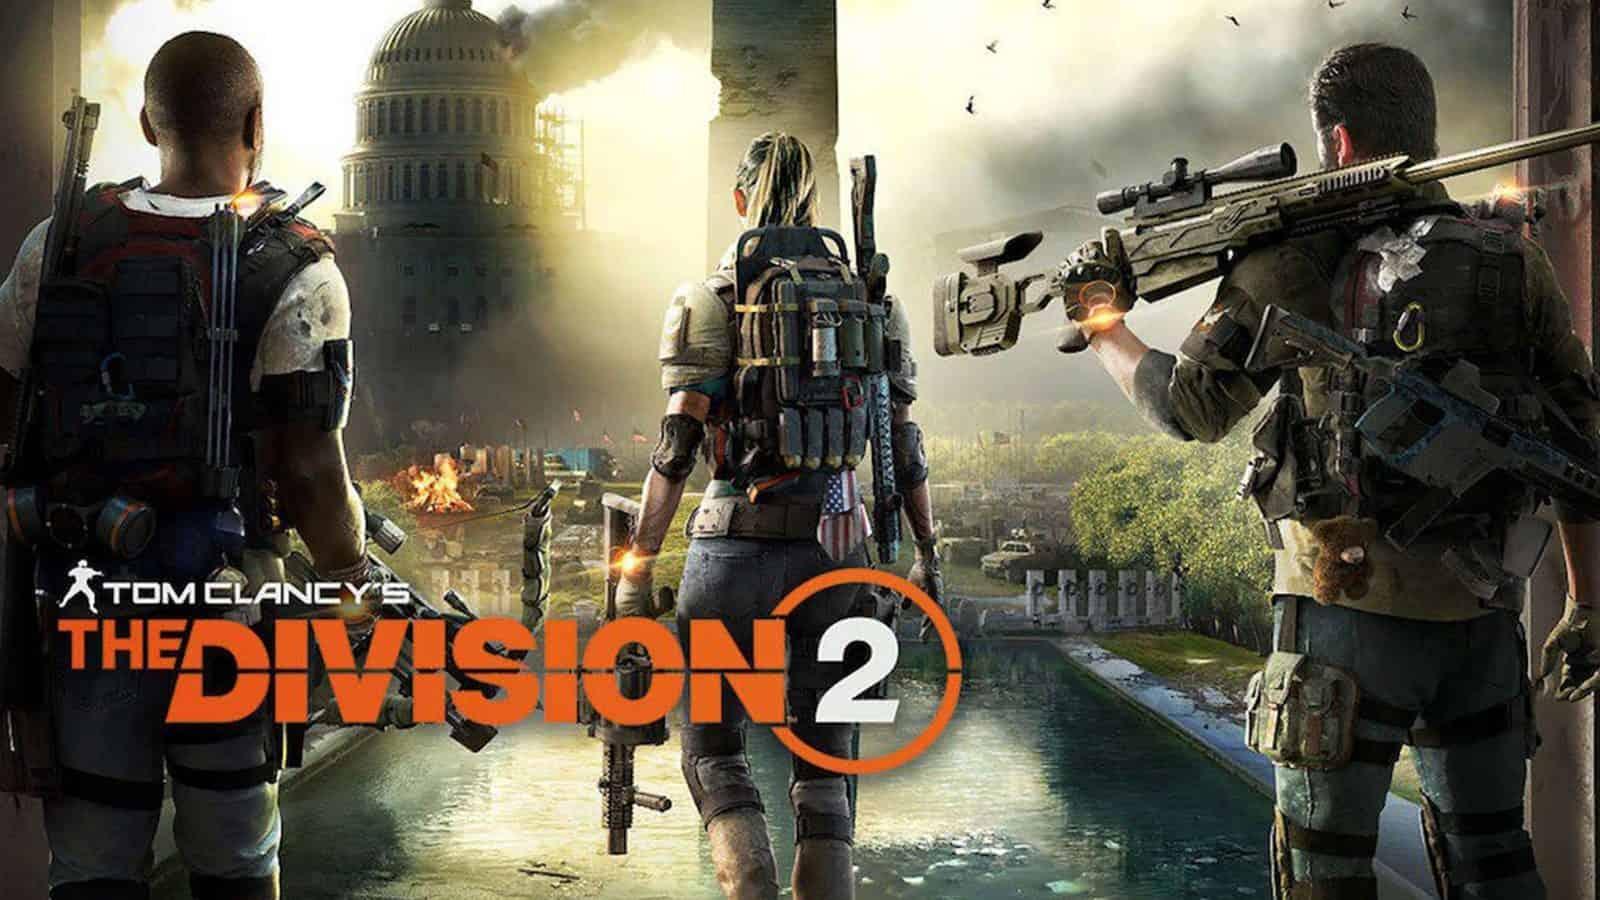 The Division 2: Ubisoft Announces Private Beta Dates 1